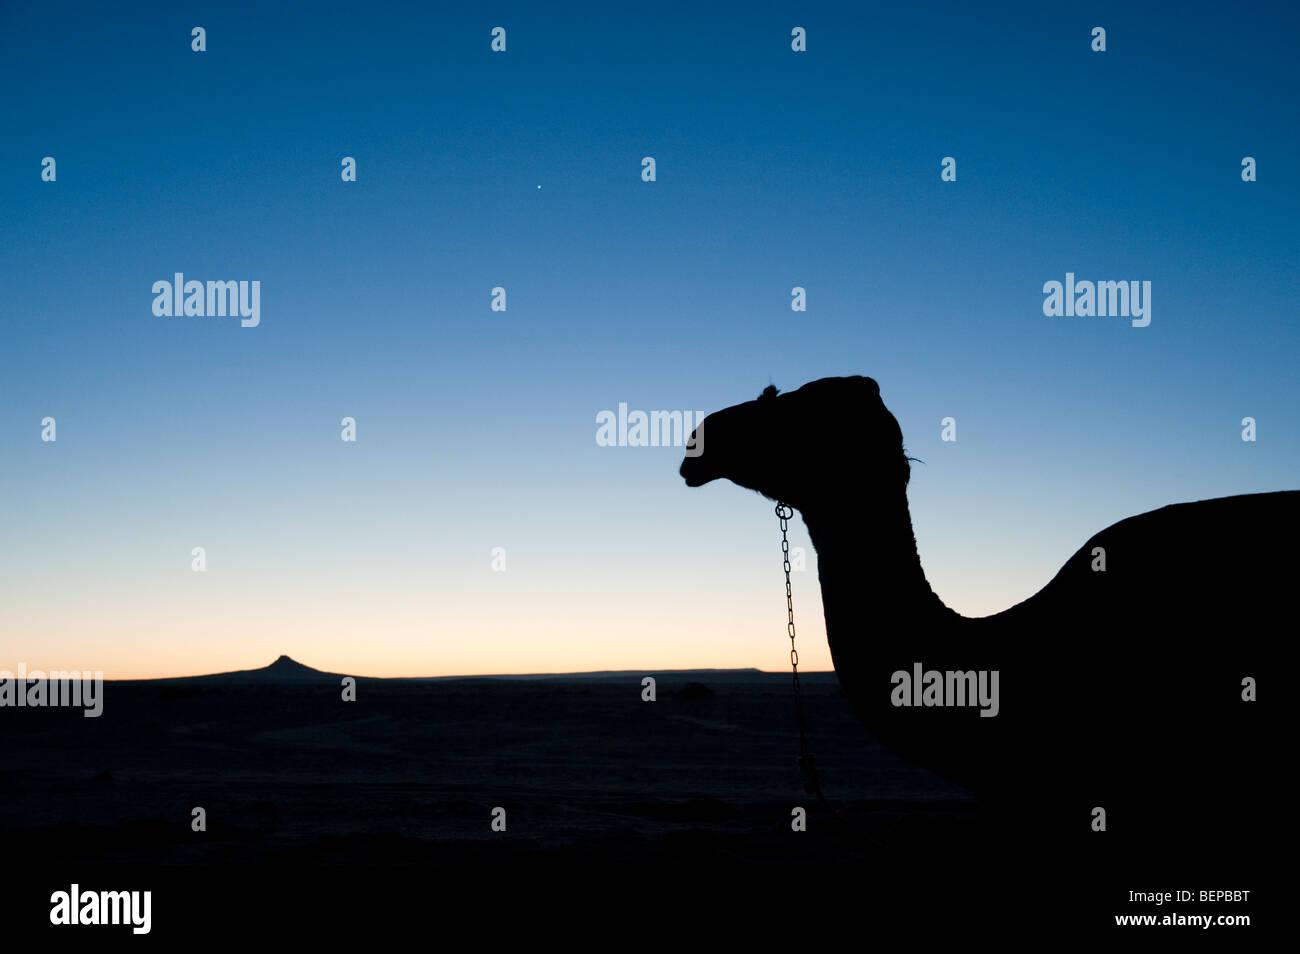 Silhouette von einem Kamel in der Wüste in Ägypten Stockbild